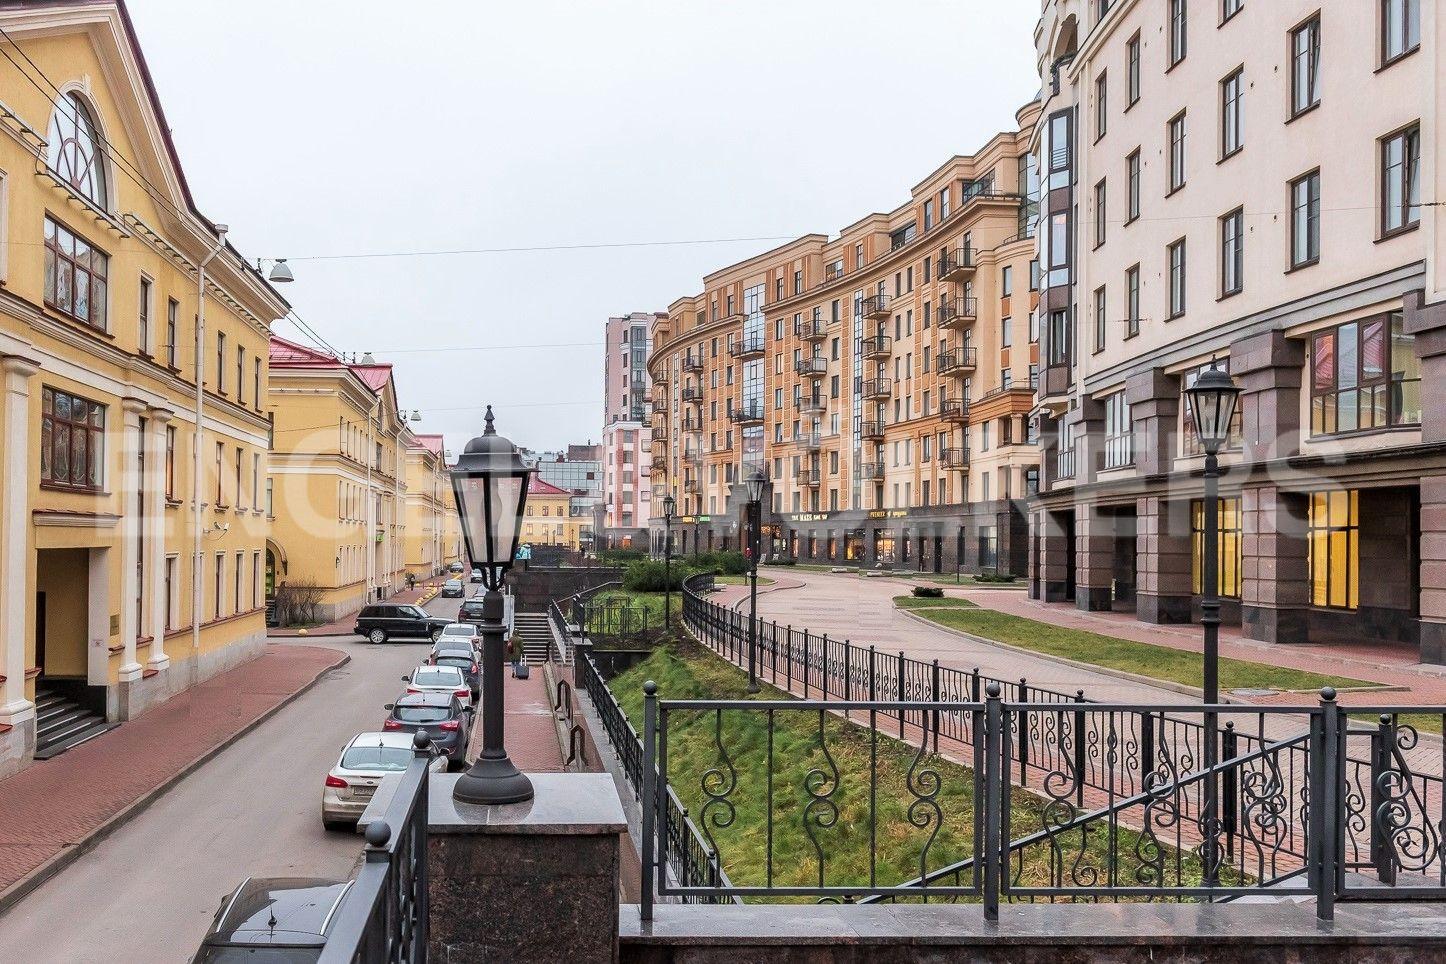 Элитные квартиры в Центральном районе. Санкт-Петербург, Парадная ул., д. 3, к. 2. Прогулочная зона